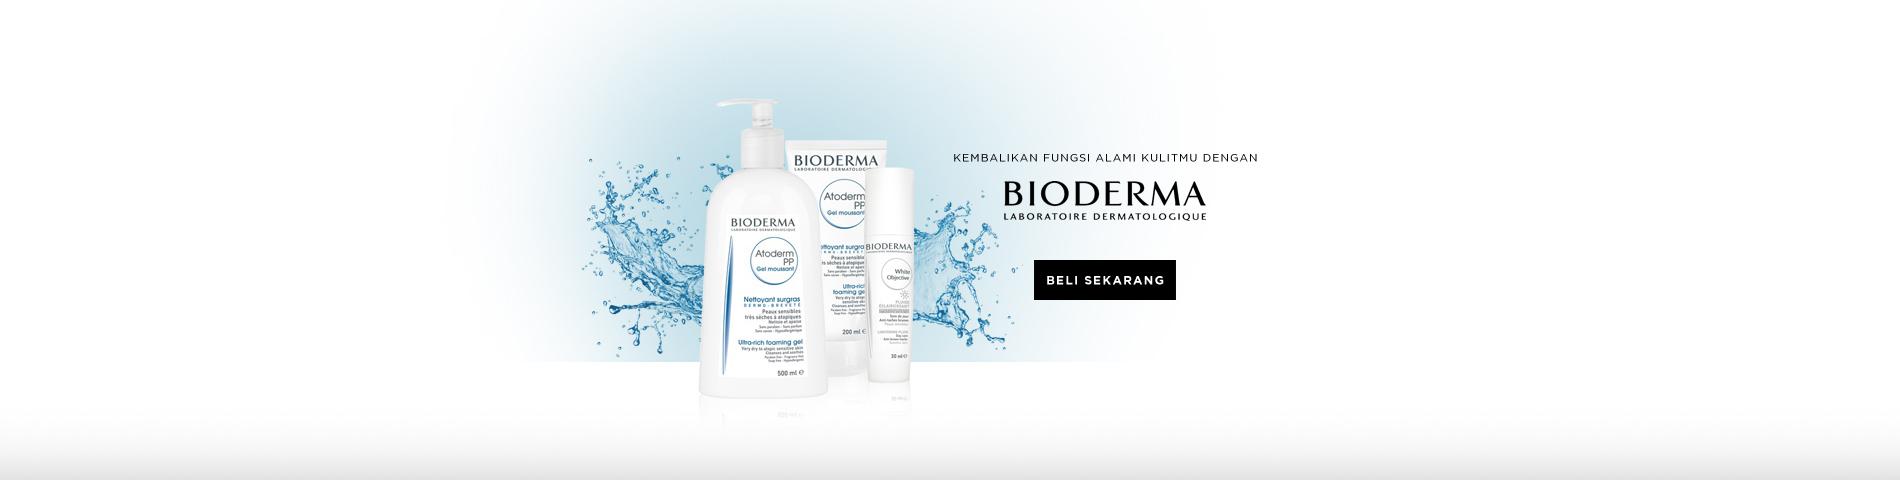 Wk15 14 bioderma bb id rbb 2